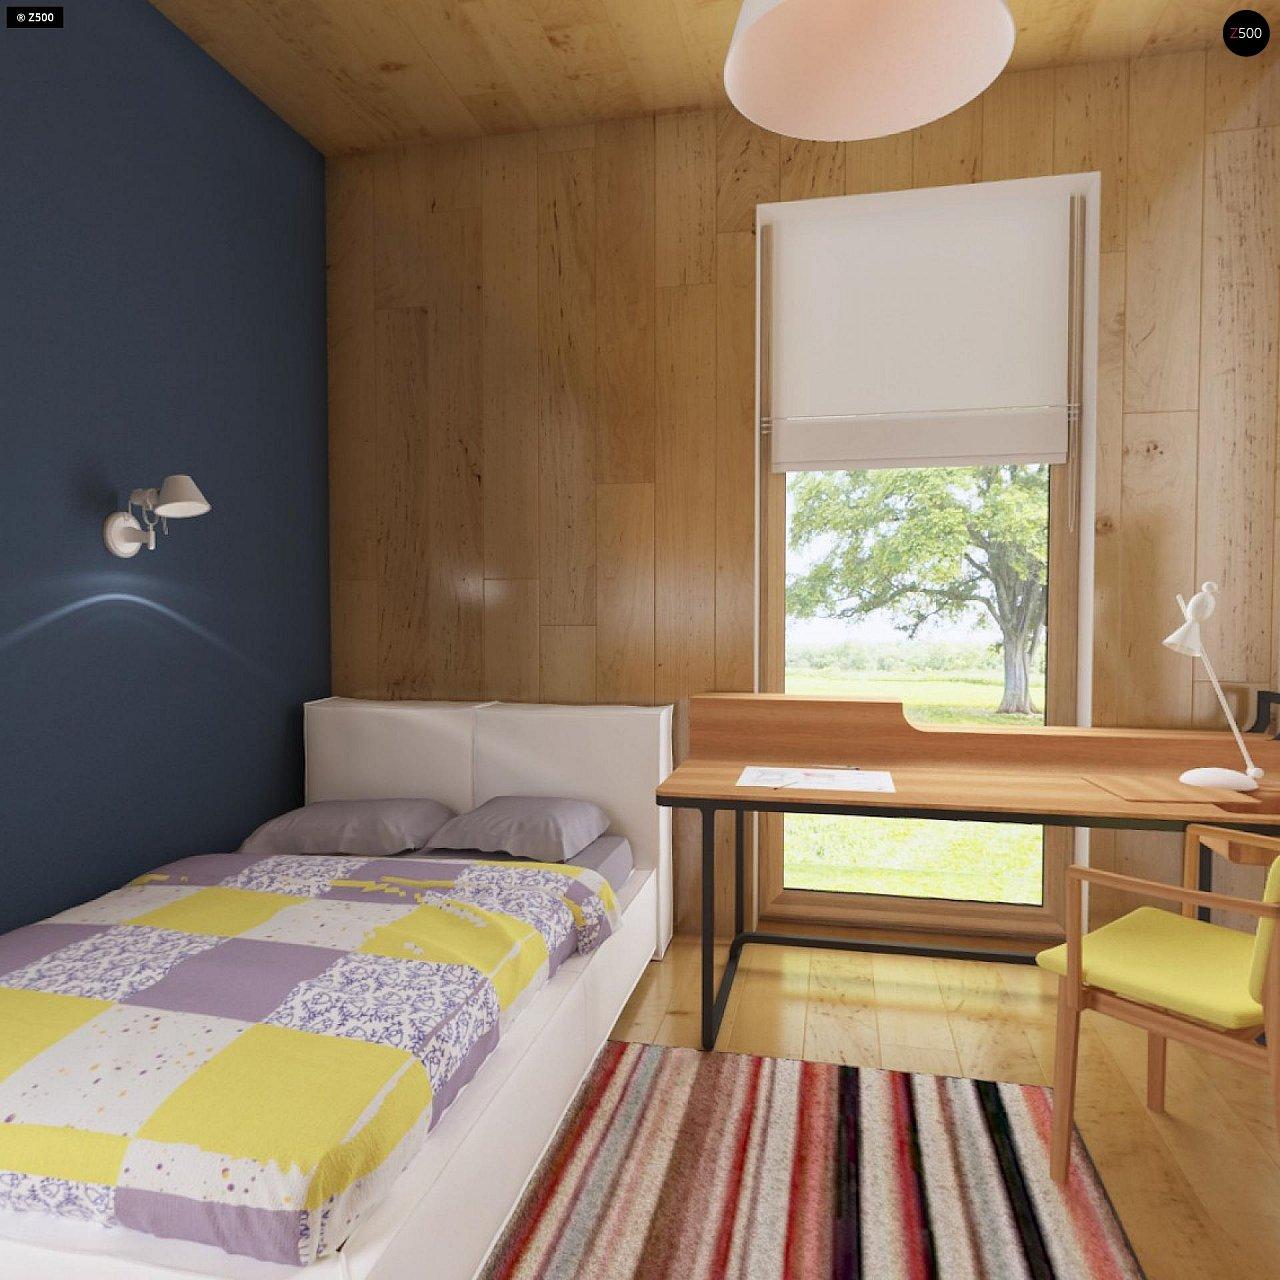 Современный функциональный дом с большой площадью остекления в гостиной. 16